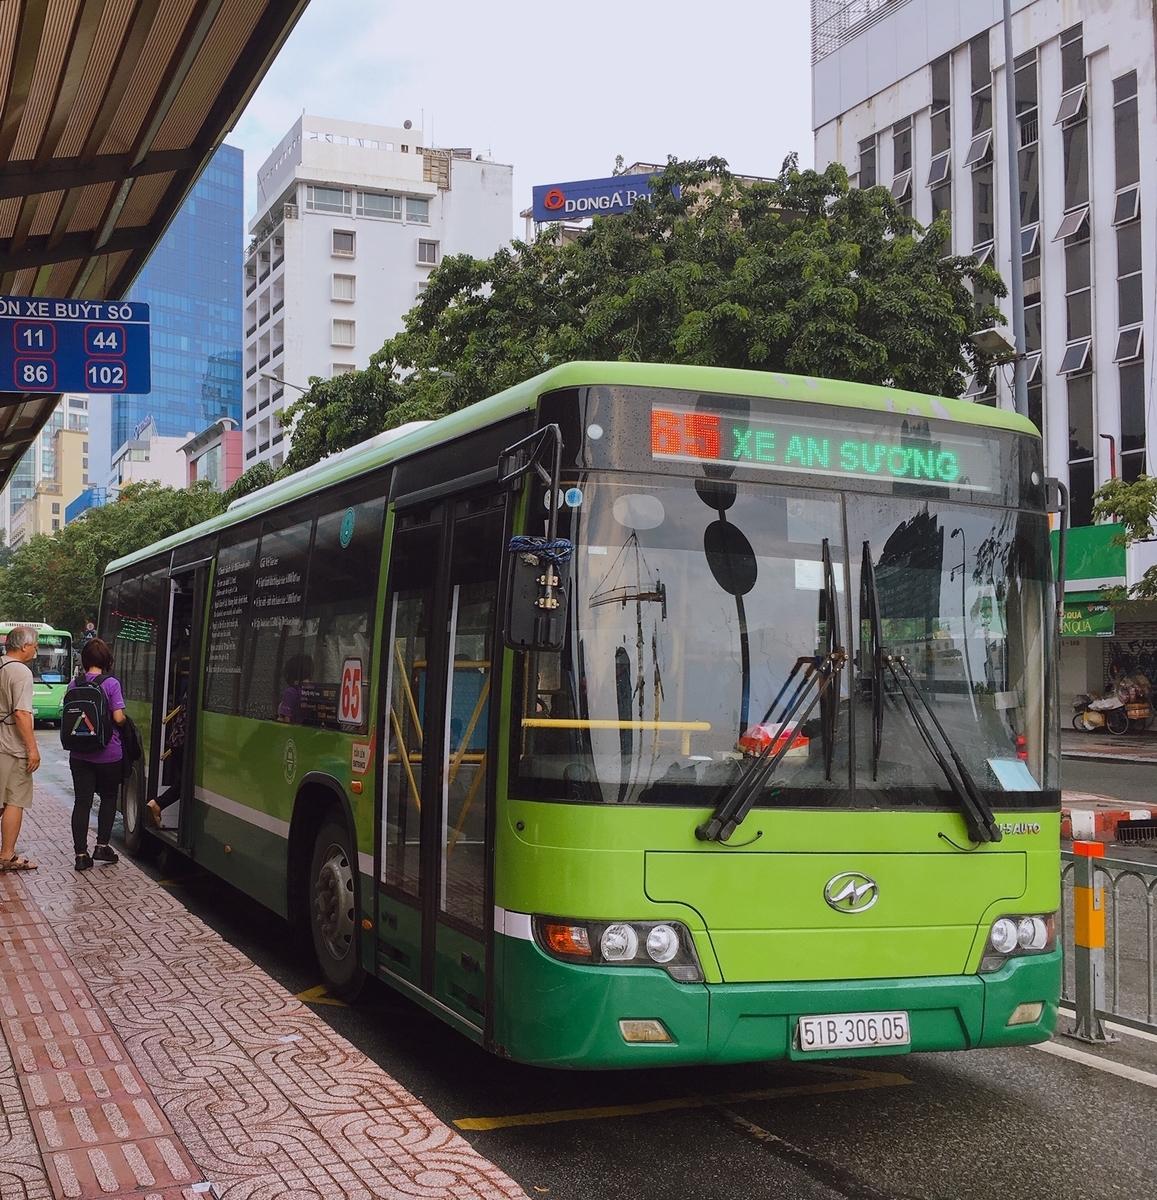 f:id:unyan_vietnam:20190914192410j:plain